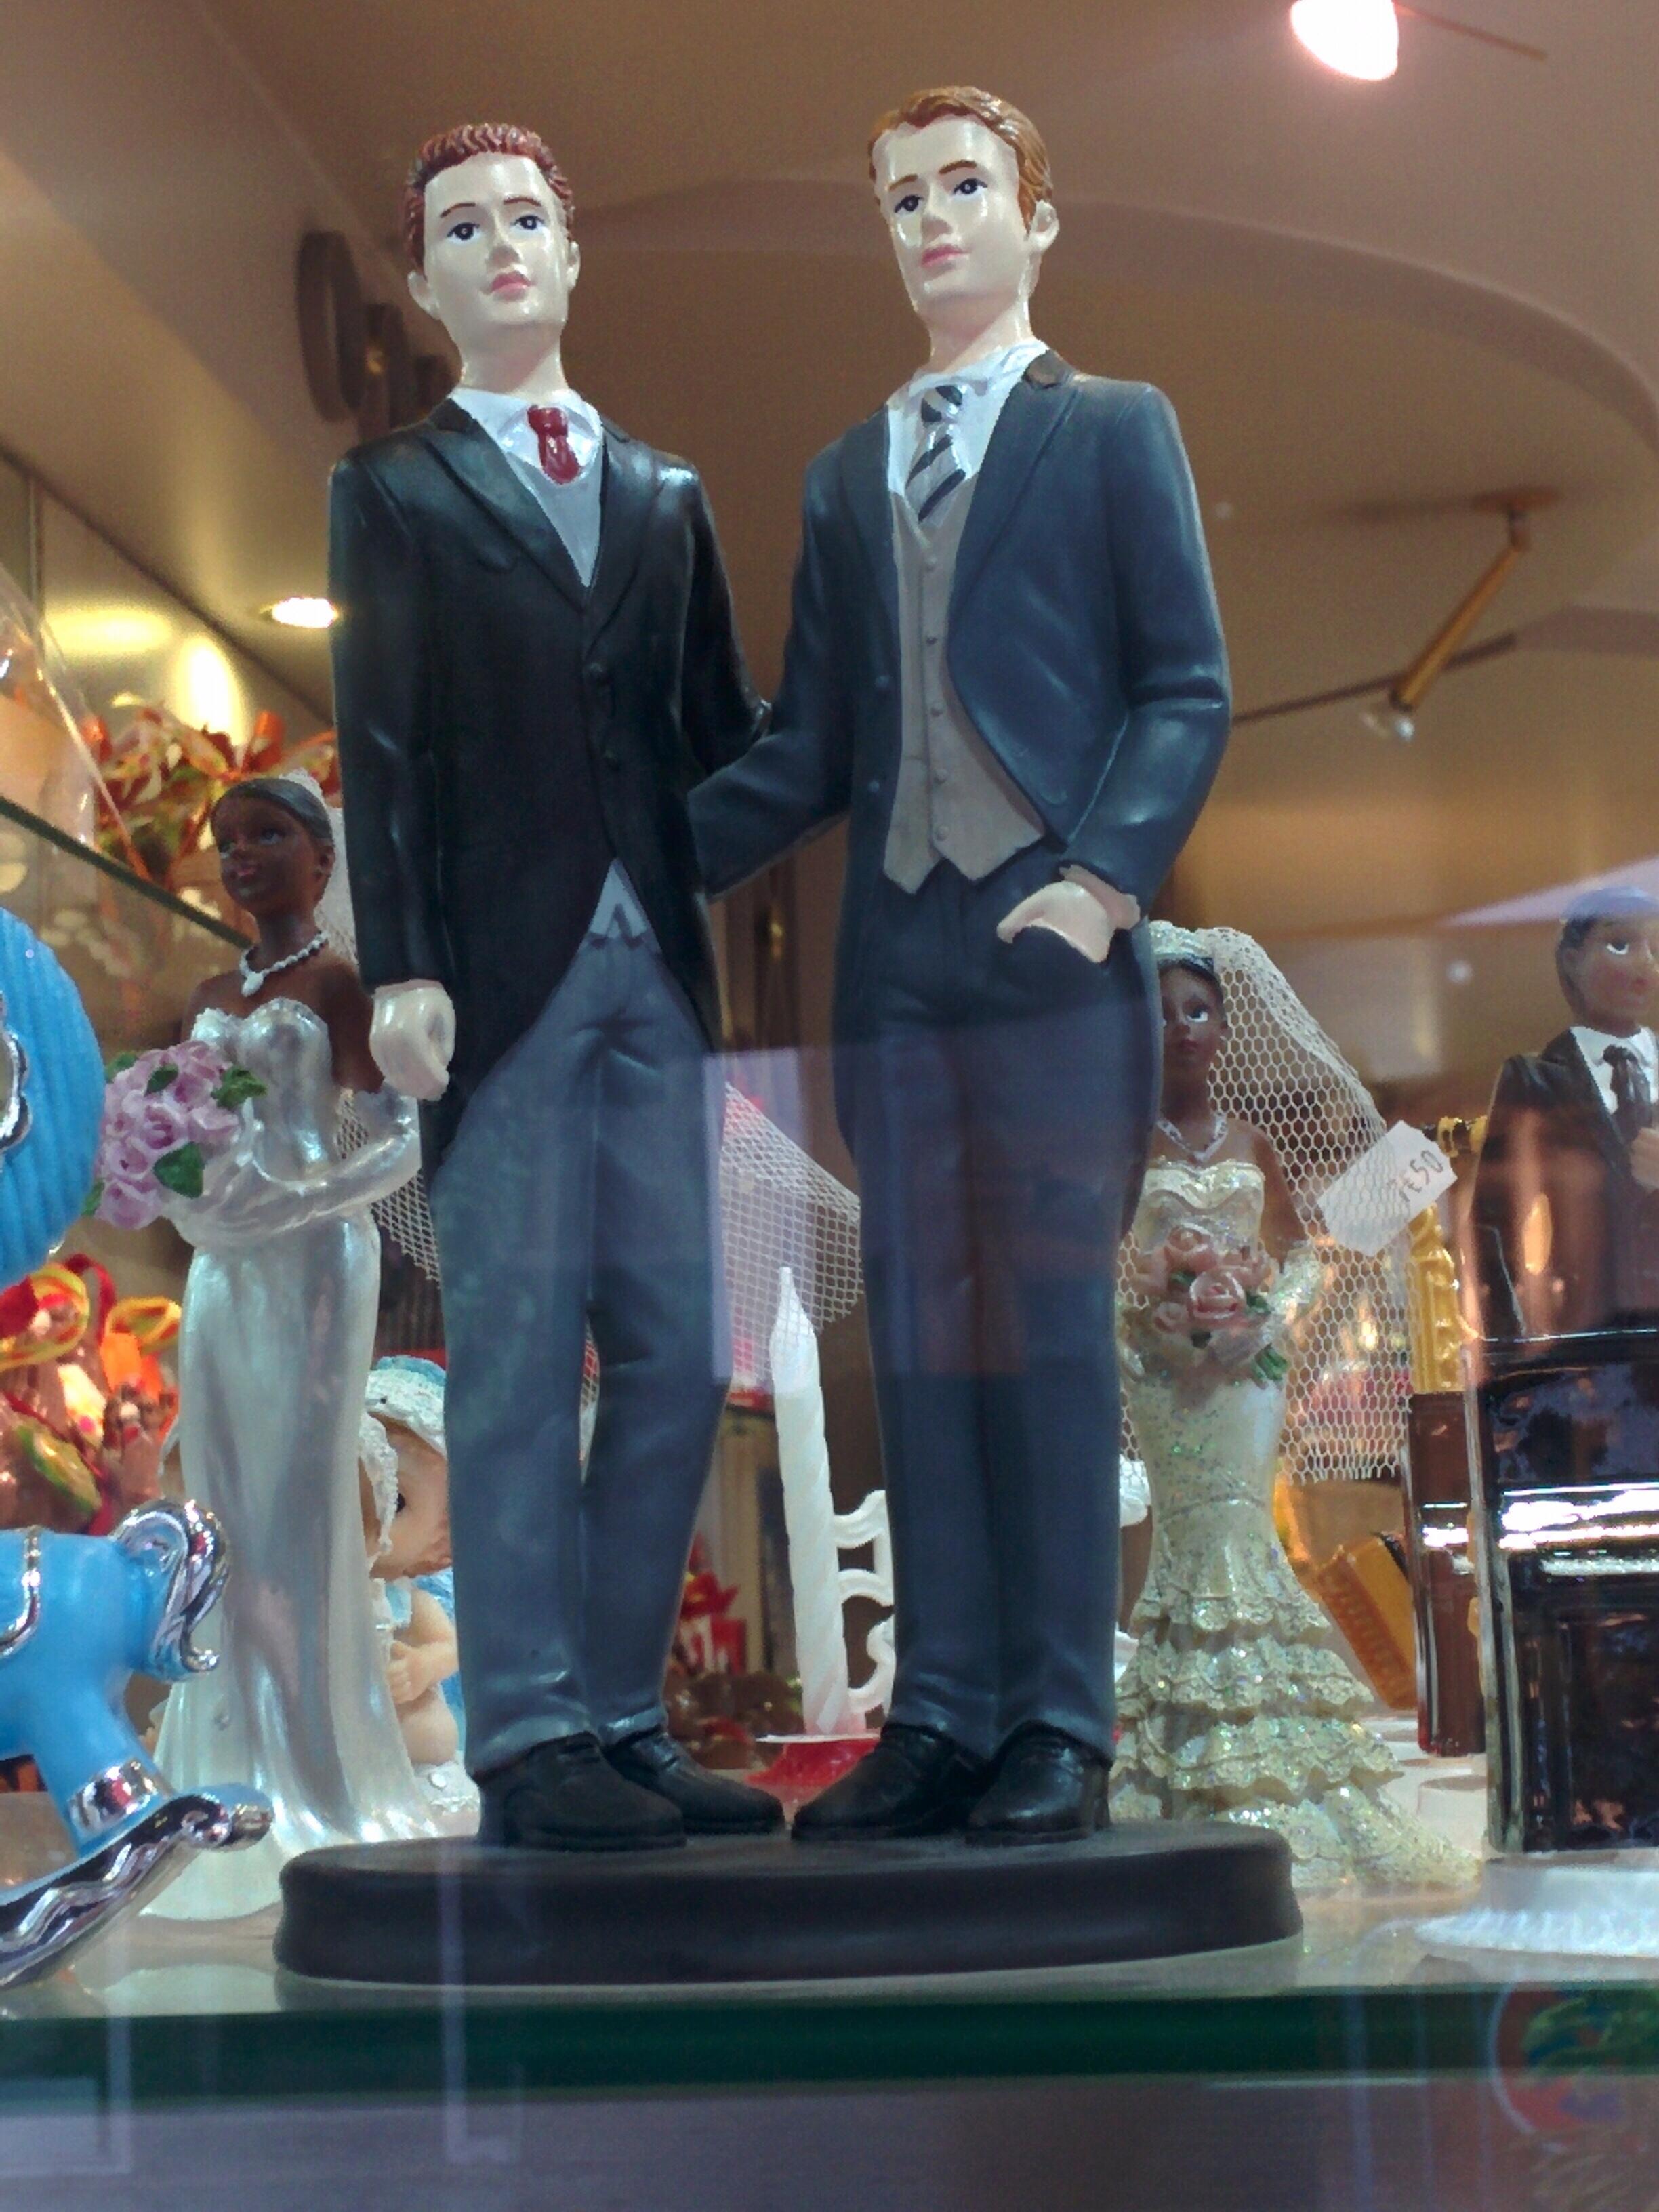 Deux hommes en tenue de marié comme figurine à placer sur un gâteau de mariage